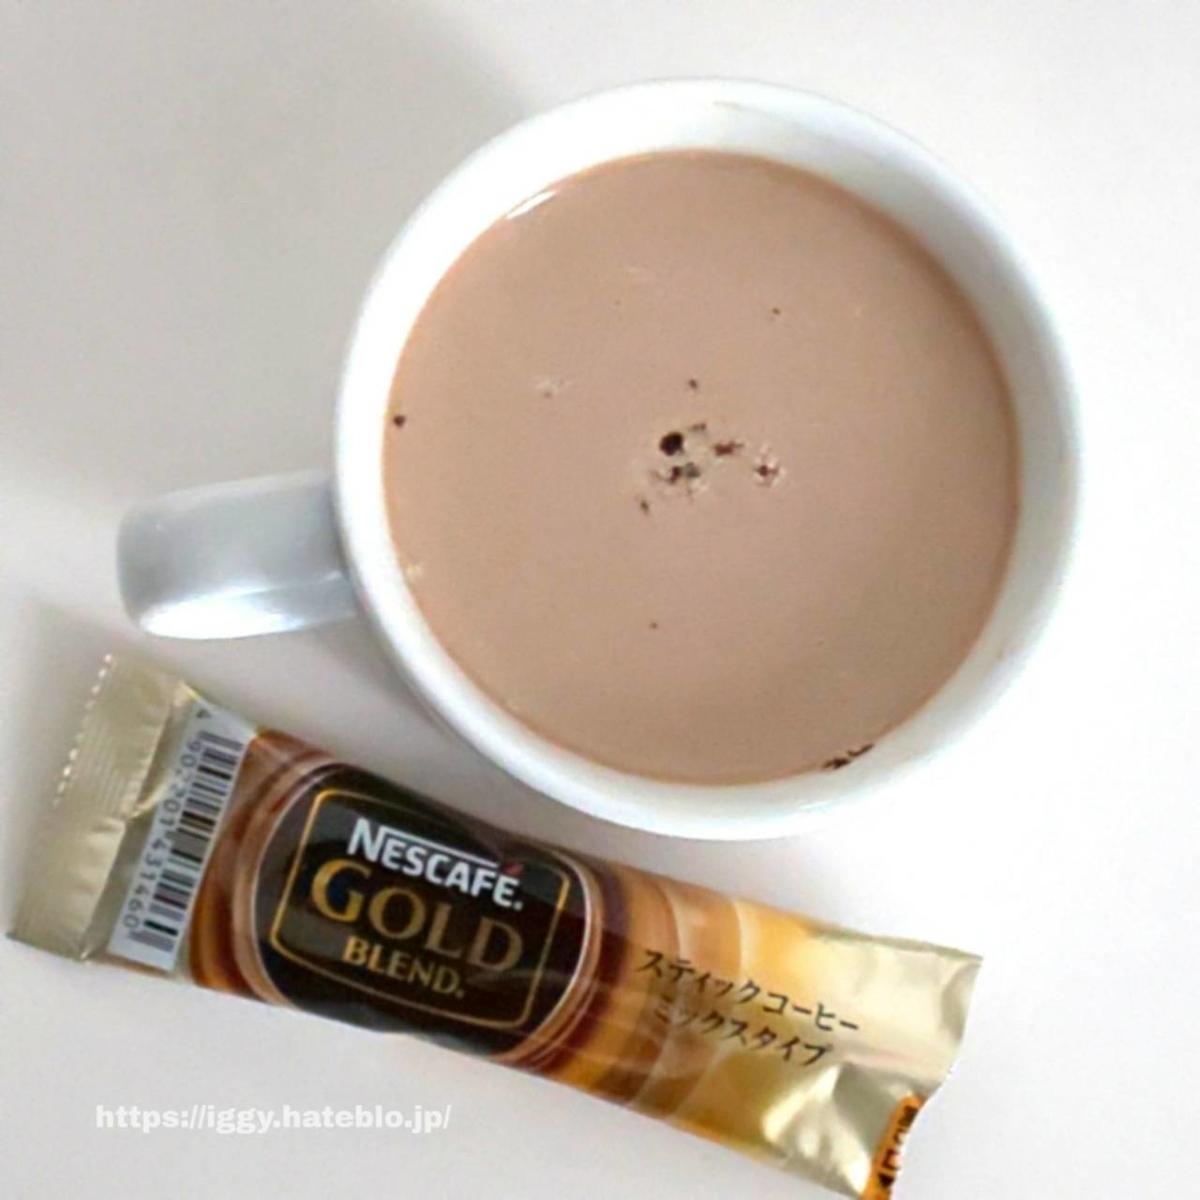 炊飯器 ホットケーキミックス おやつ コーヒー牛乳 iggy2019